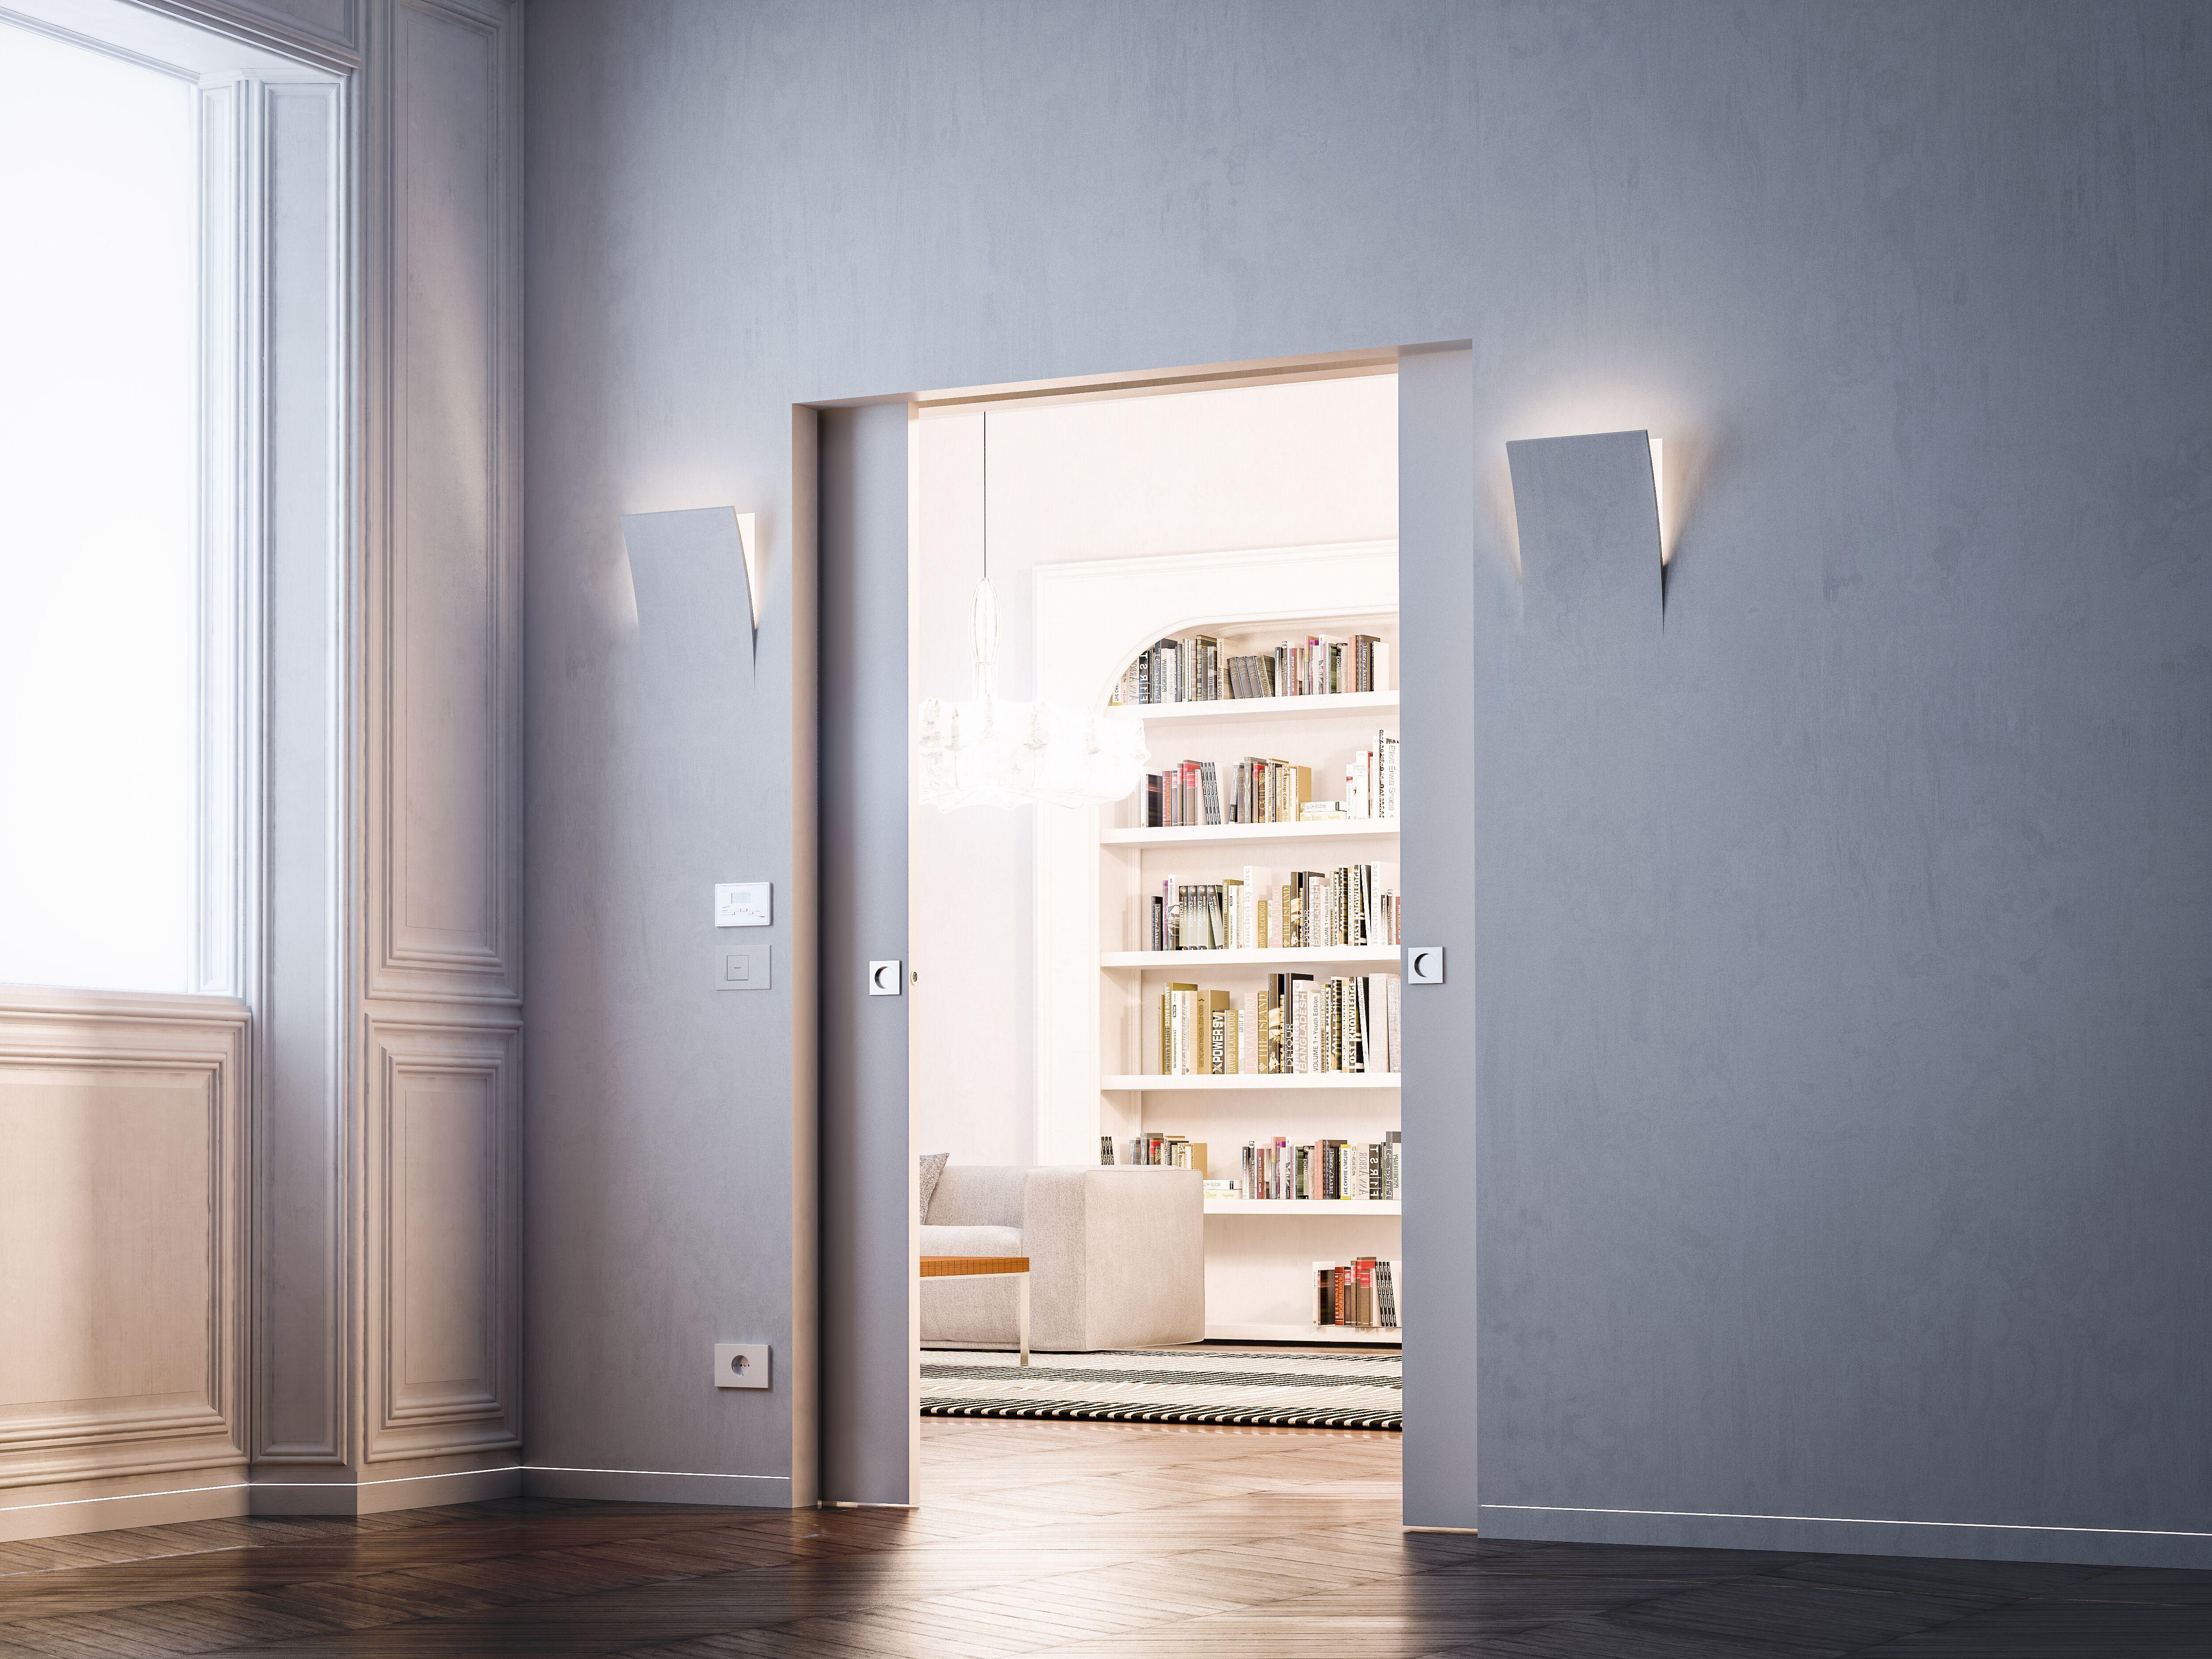 Eclisse Smarte Haustechnik Integration In Schiebetur Systeme